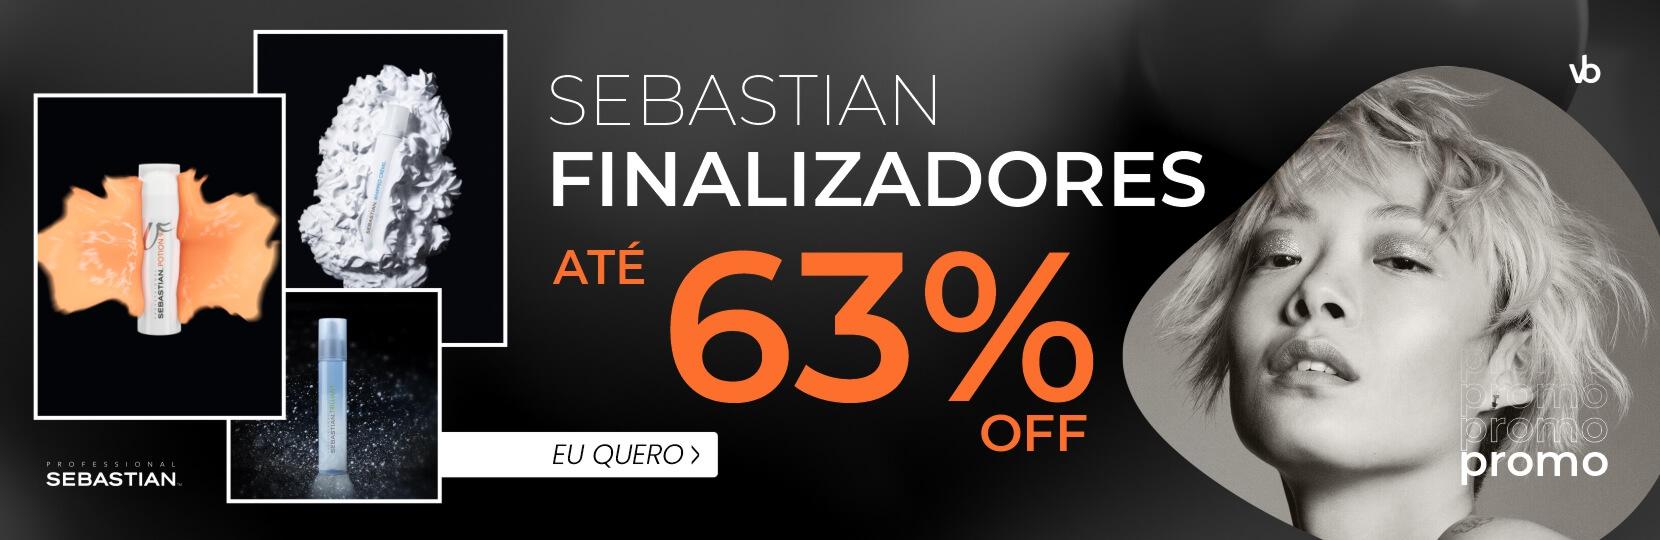 Finalizadores Sebastian